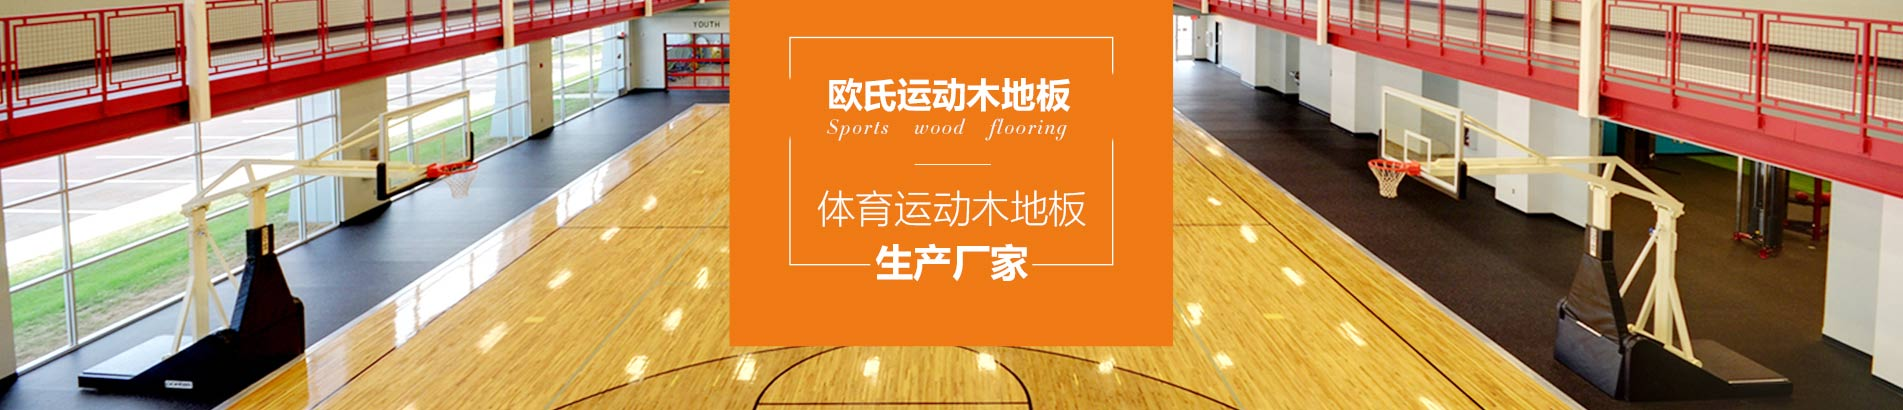 篮球木地板,篮球场馆木地板,篮球木地板价格【室内篮球运动地板】